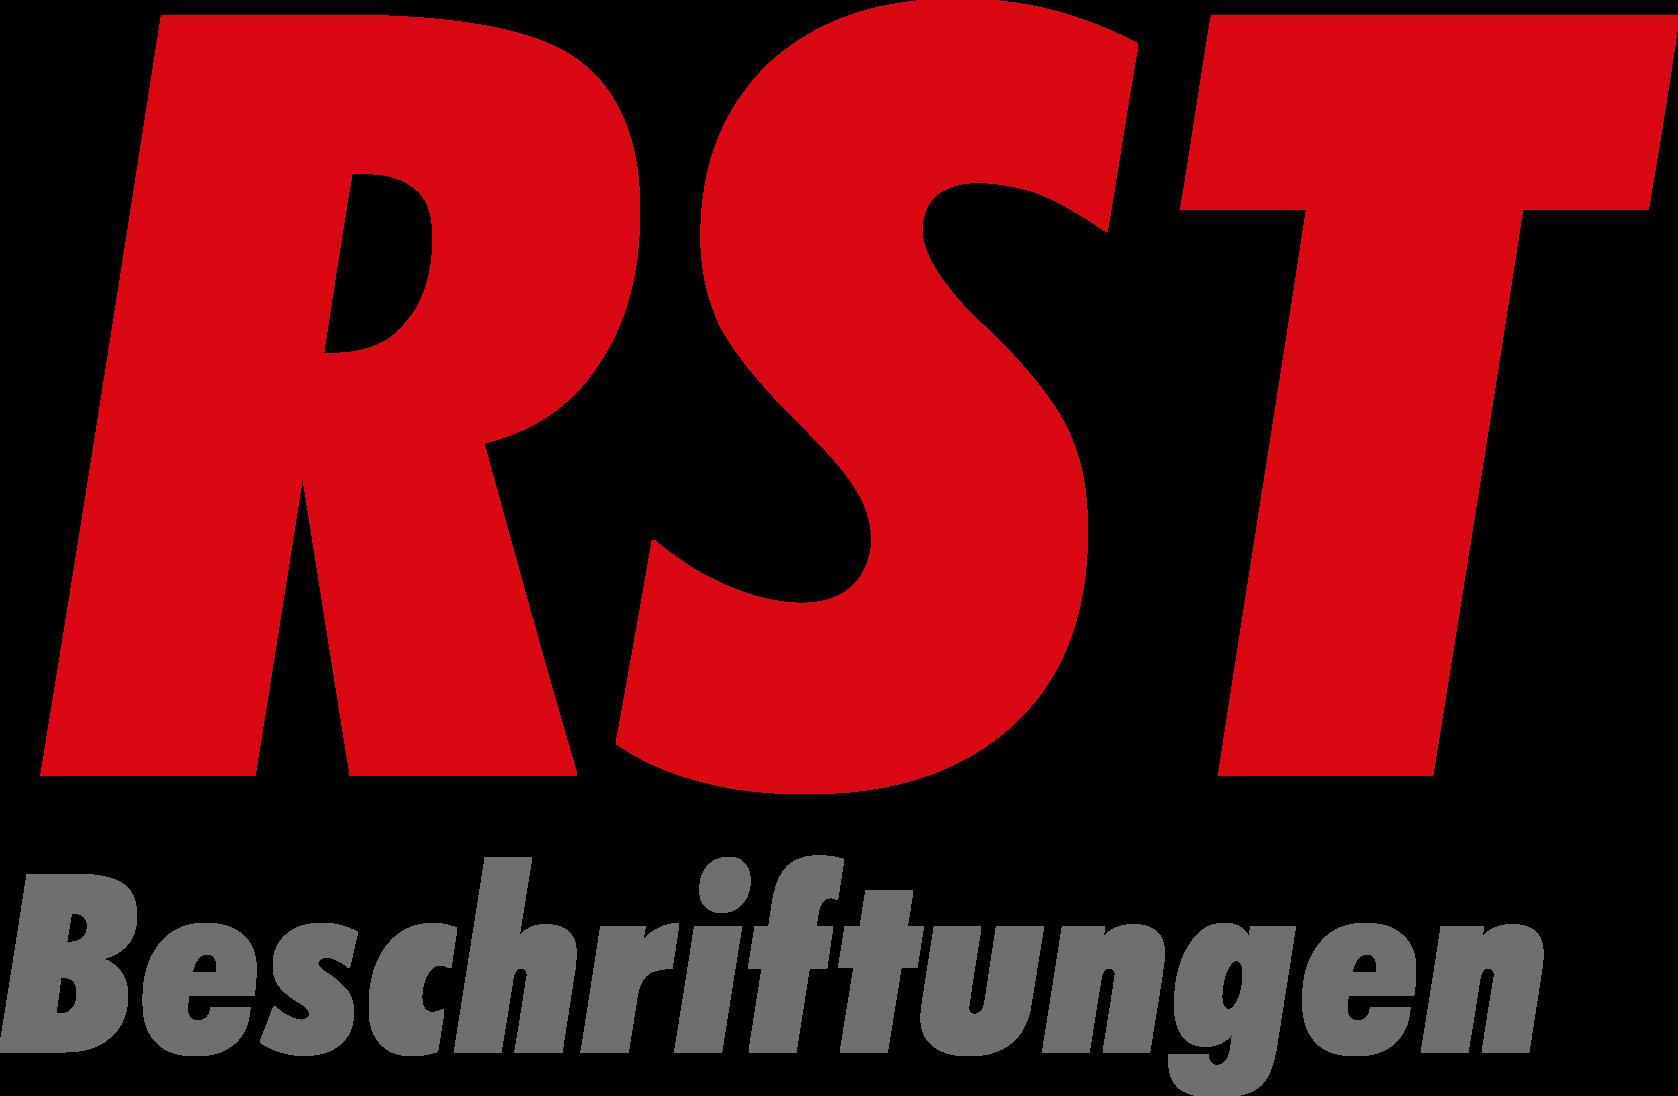 RST Beschriftungen | Tanner & Sohm KLG